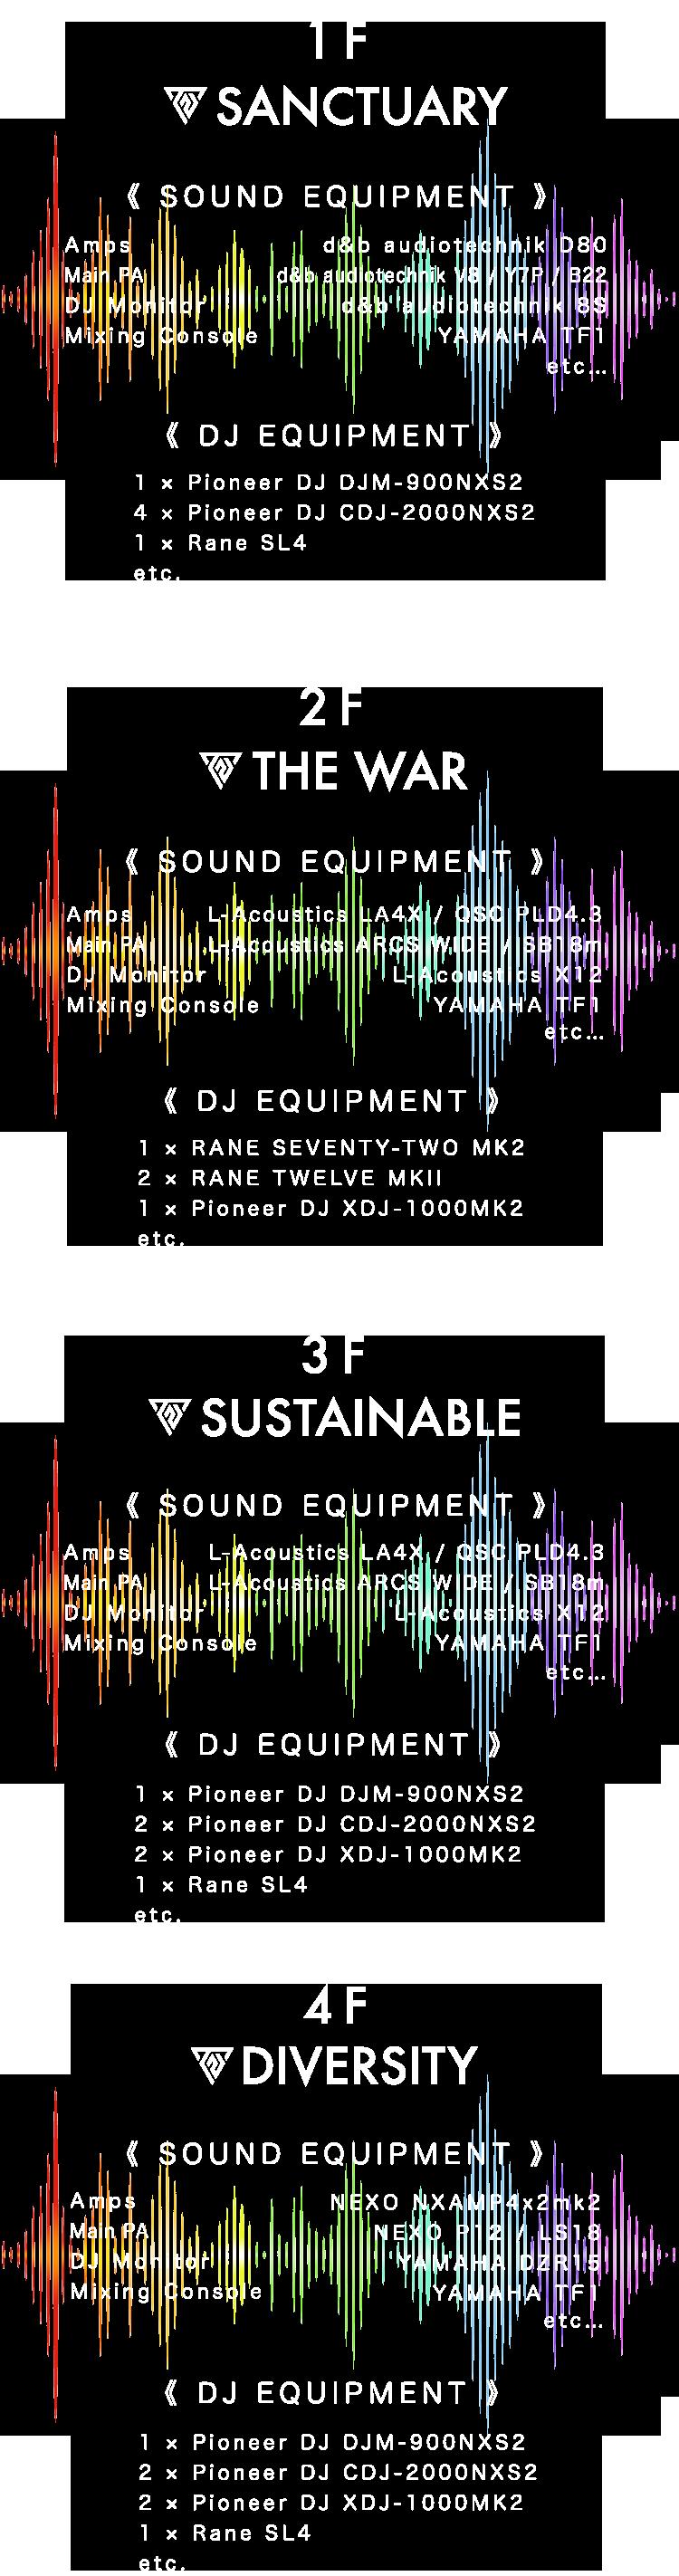 各フロアの音響機材